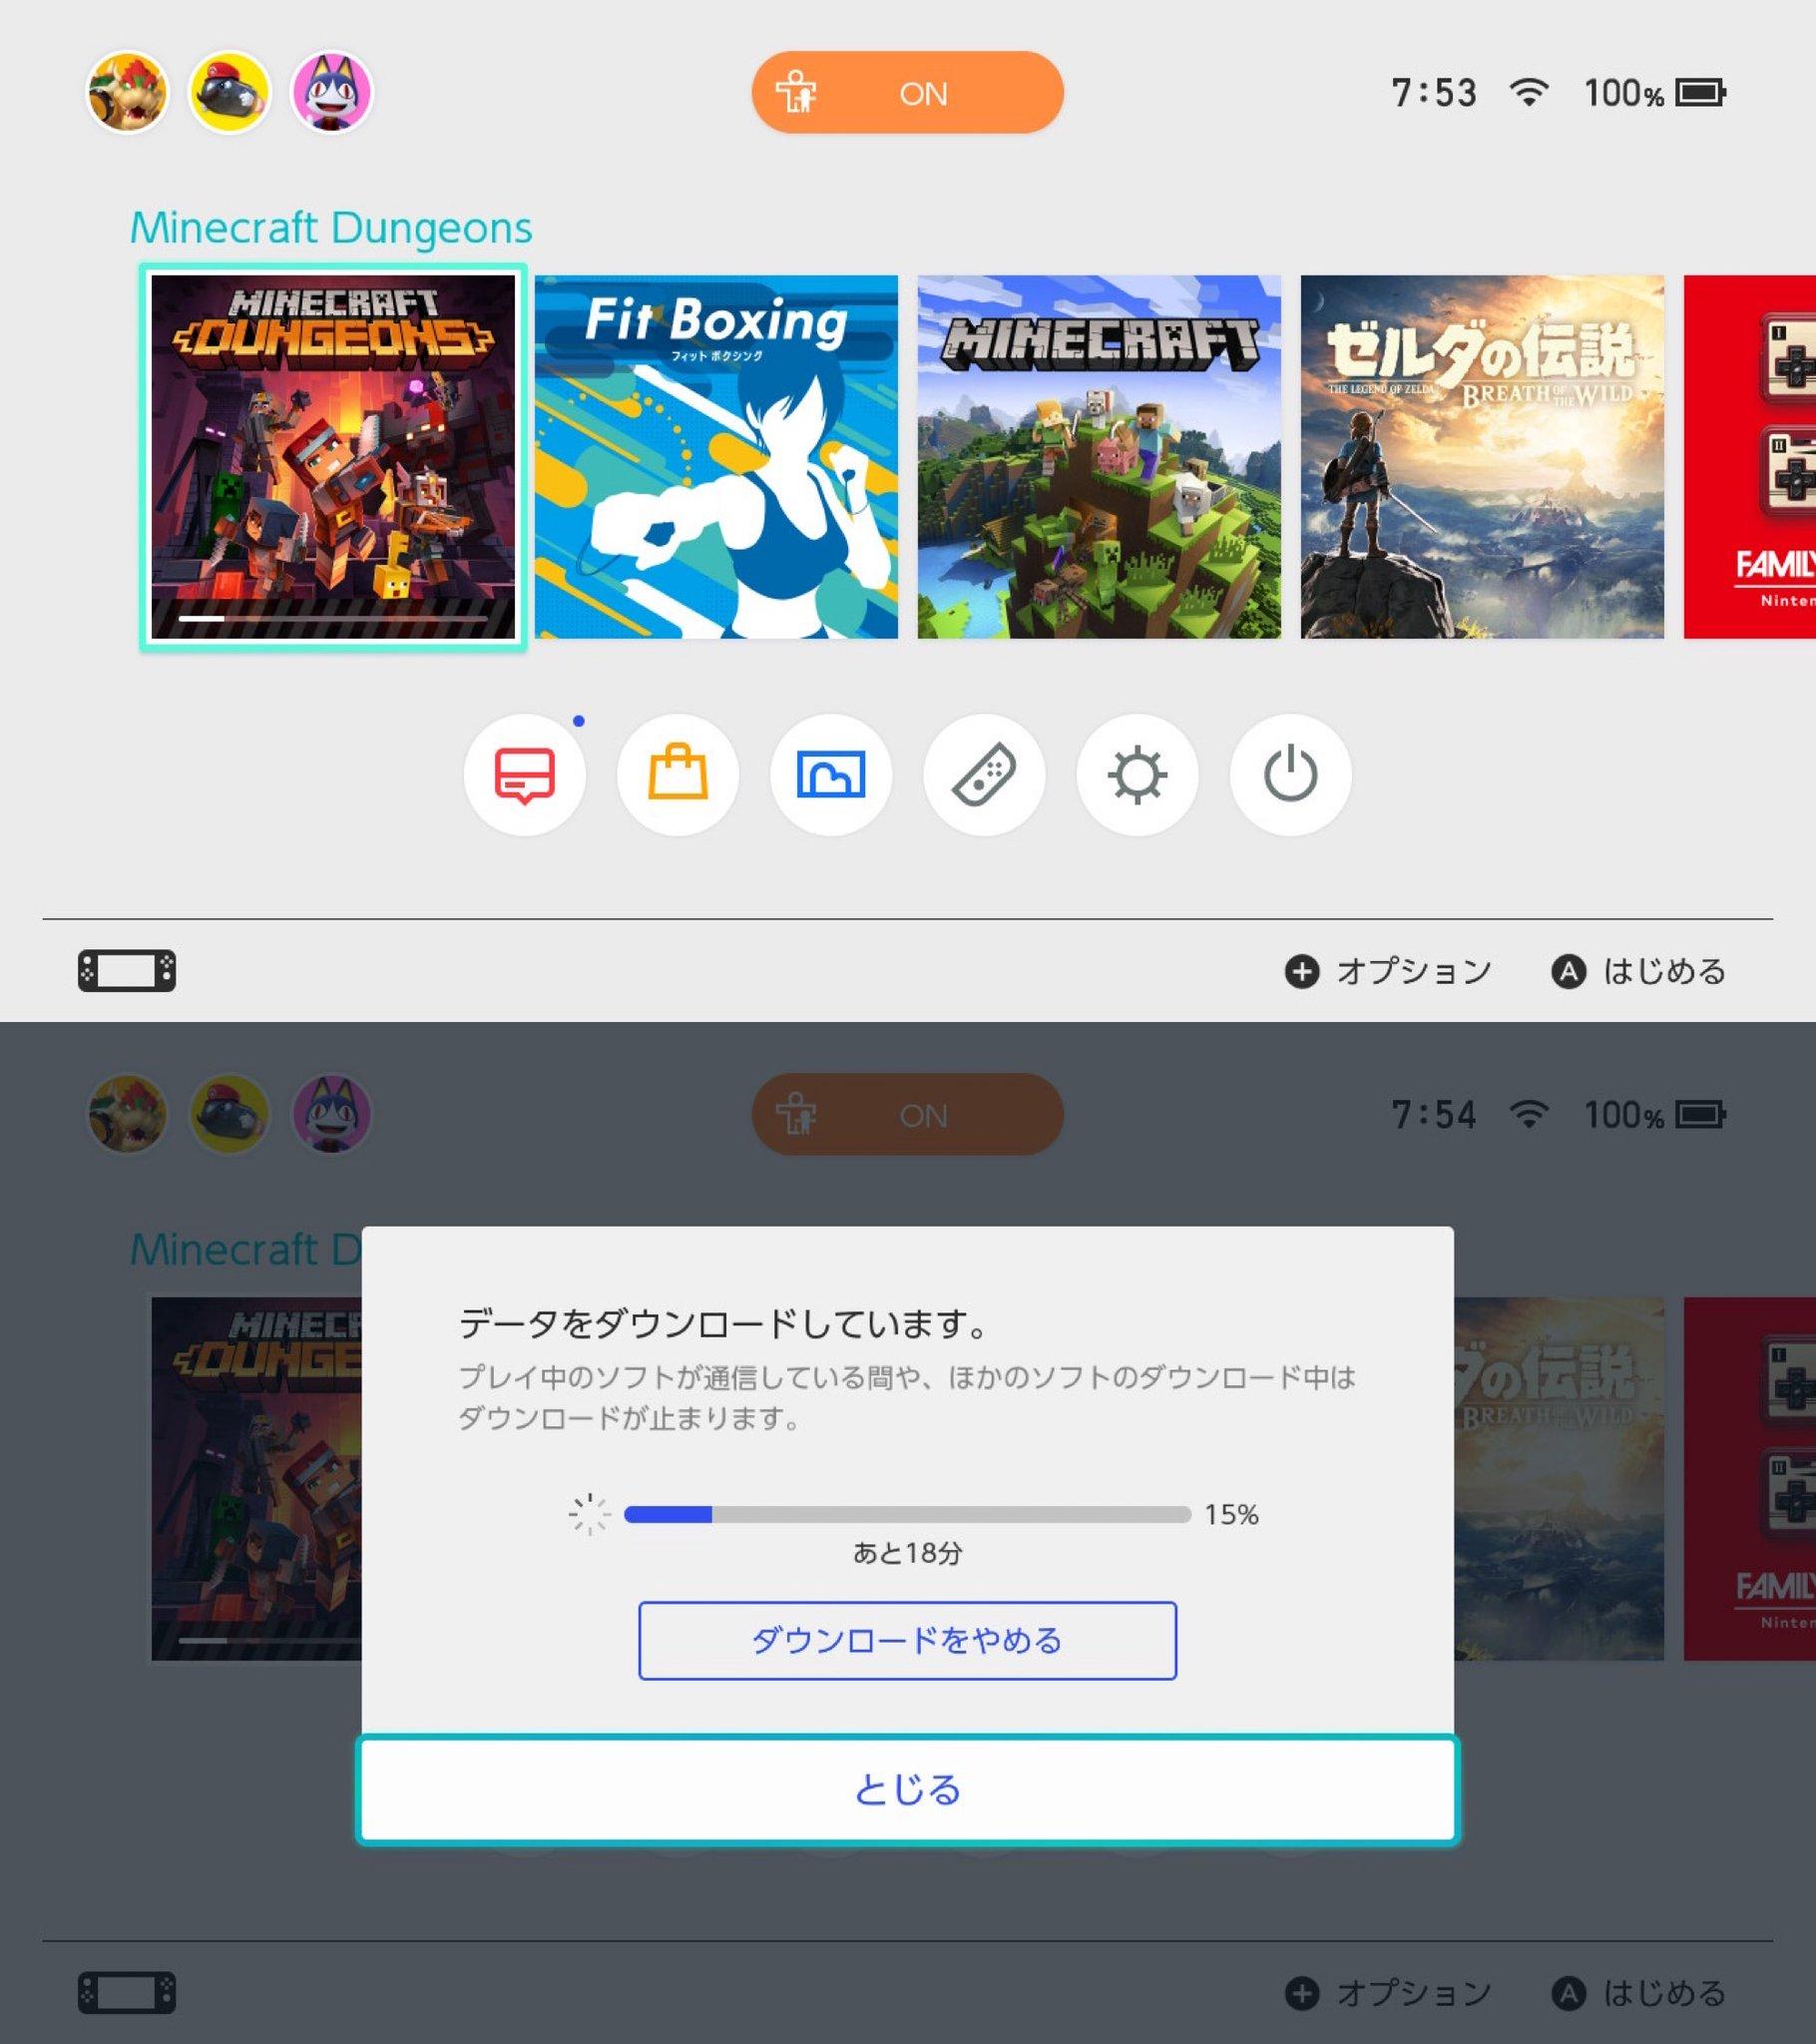 Nintendo Switch 版 Minecraft Dungeons ヒーロー エディションを購入( ´∀`) ダウンロードけっこう時間がかかるなー。 https://t.co/vrIiZJP6kC